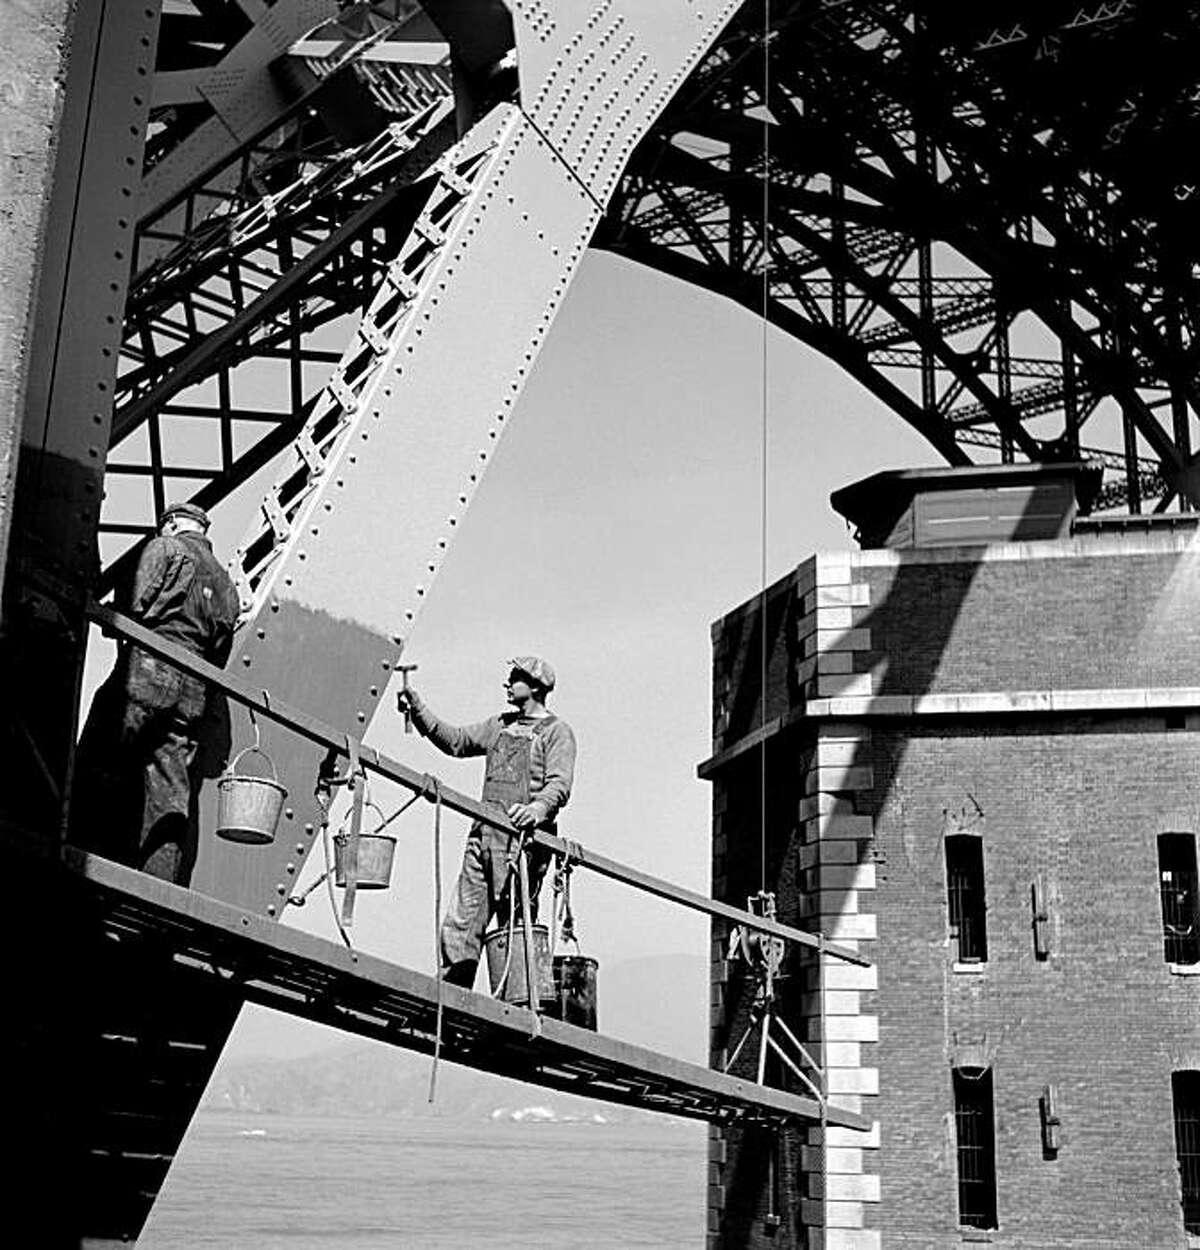 Bridge Painters, 1950